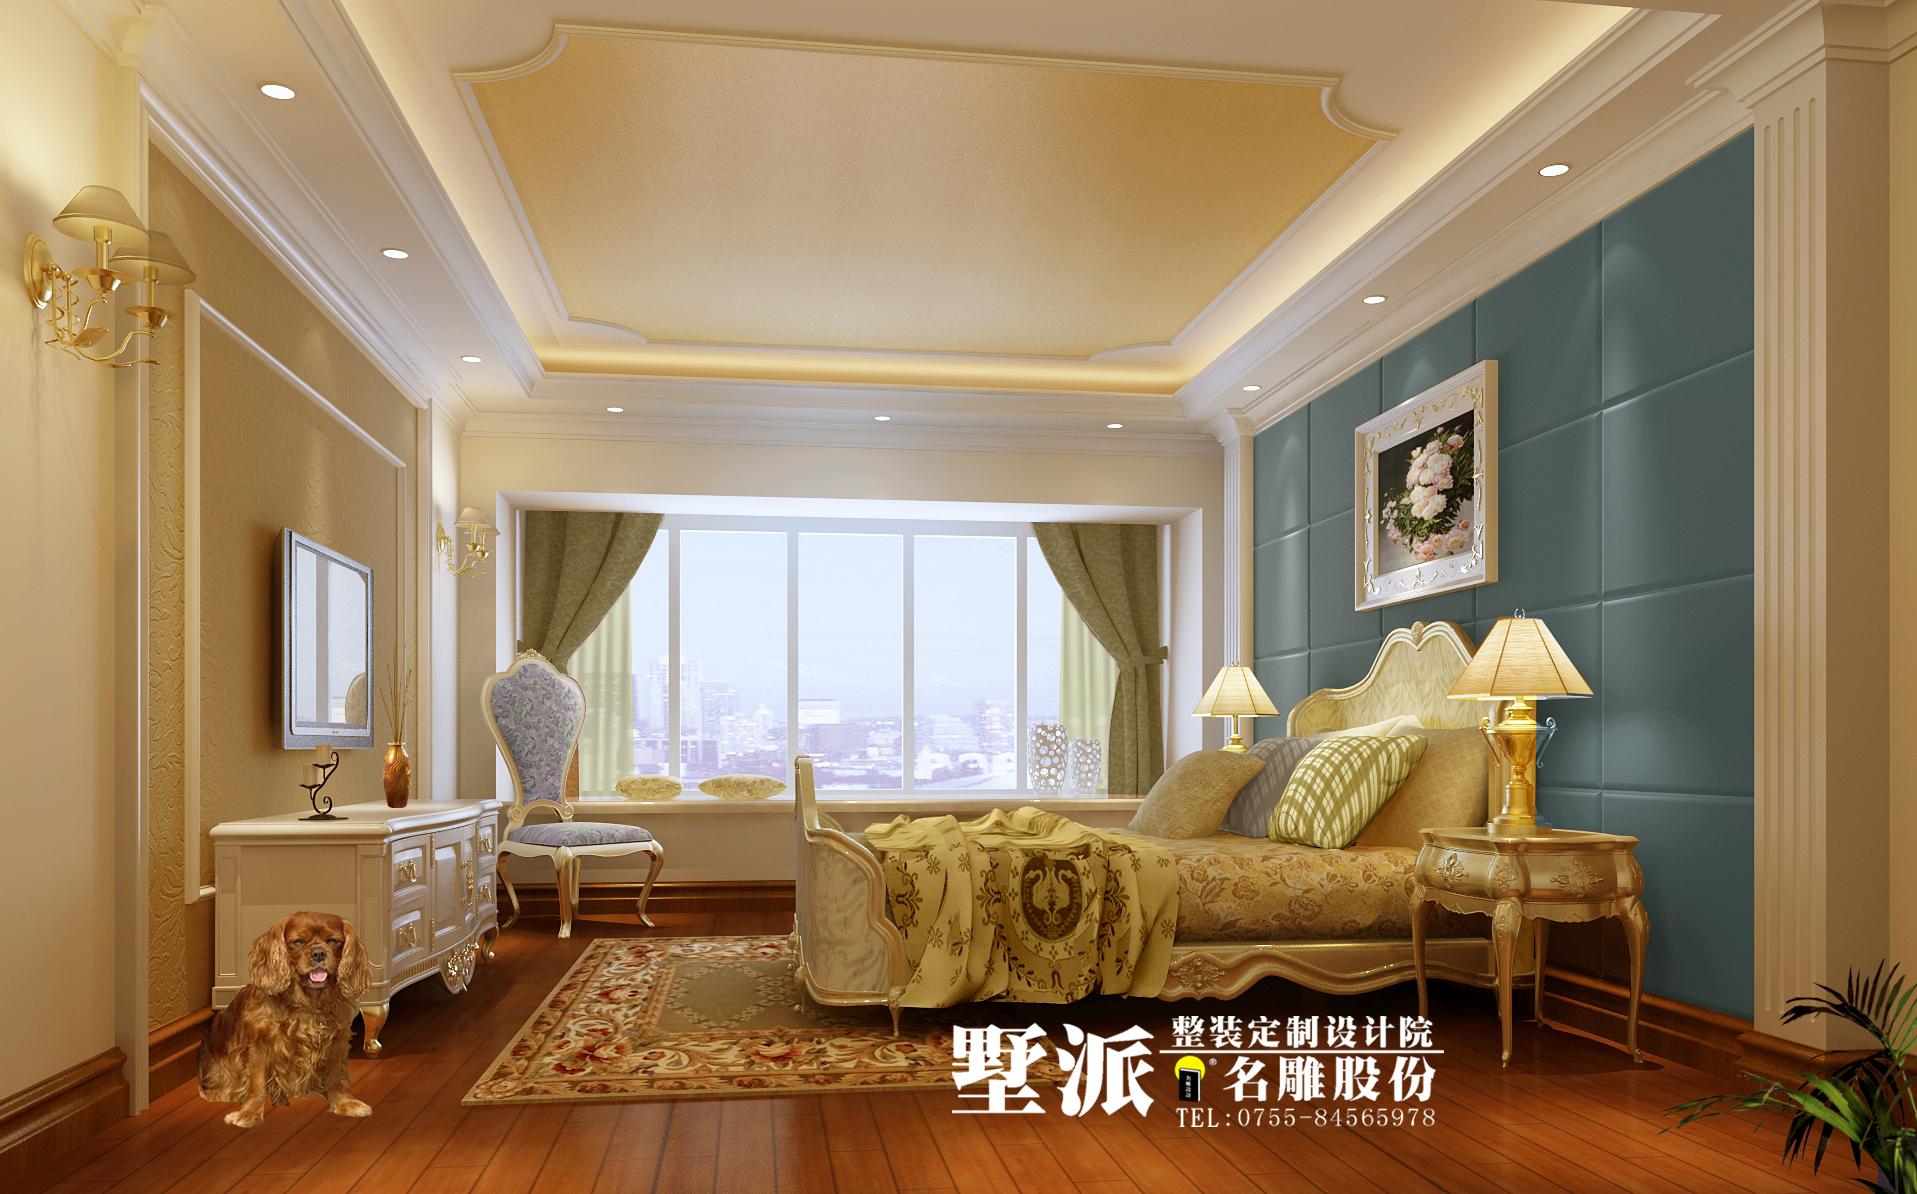 欧式 别墅 别墅装修 整装定制 高端装修 别墅设计 名雕装饰 卧室图片来自广州名雕装饰在公园大地别墅整装定制设计的分享